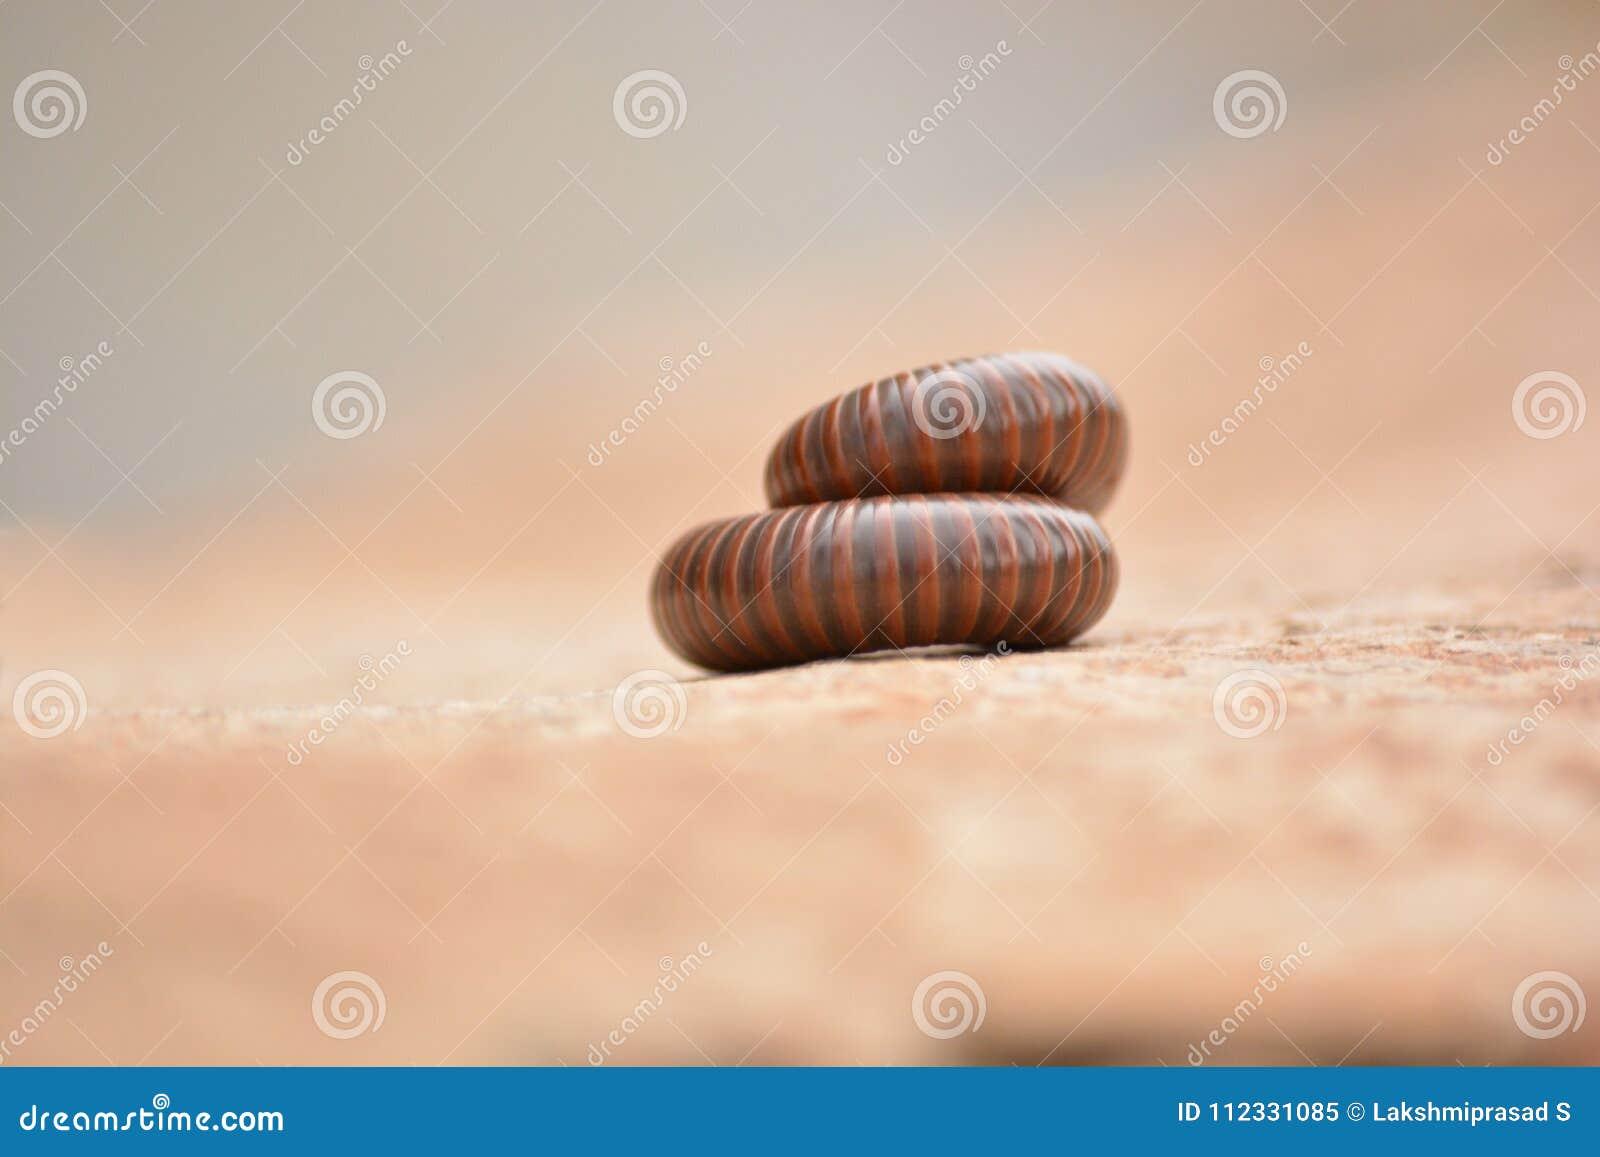 Milpiés encrespado encima de roud durante el seasion